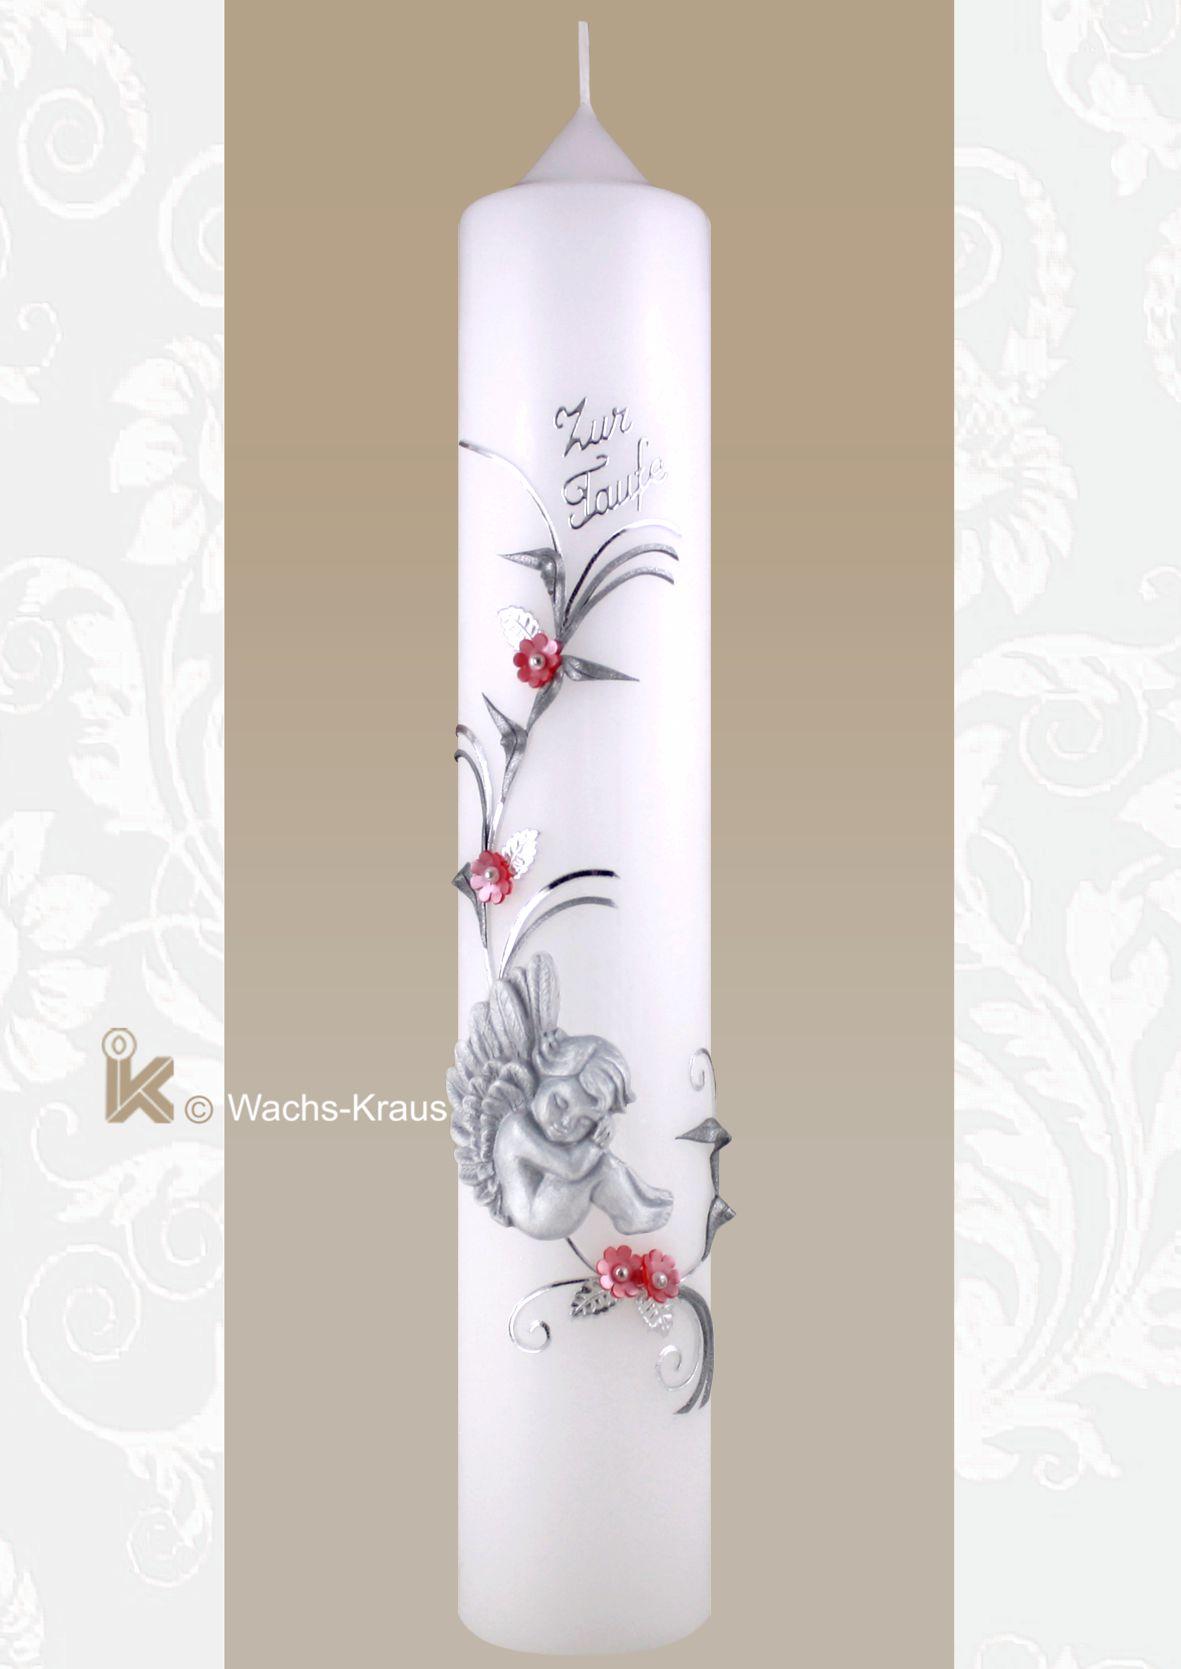 Taufkerze mit einem Schutzengel für Mädchen. Eine wunderschöne Taufkerze mit einem aus Wachs gegossenen Schutzengel, der in einer feinen, silberfarbenen Blumenranke mit rosa Blüten sitzt..